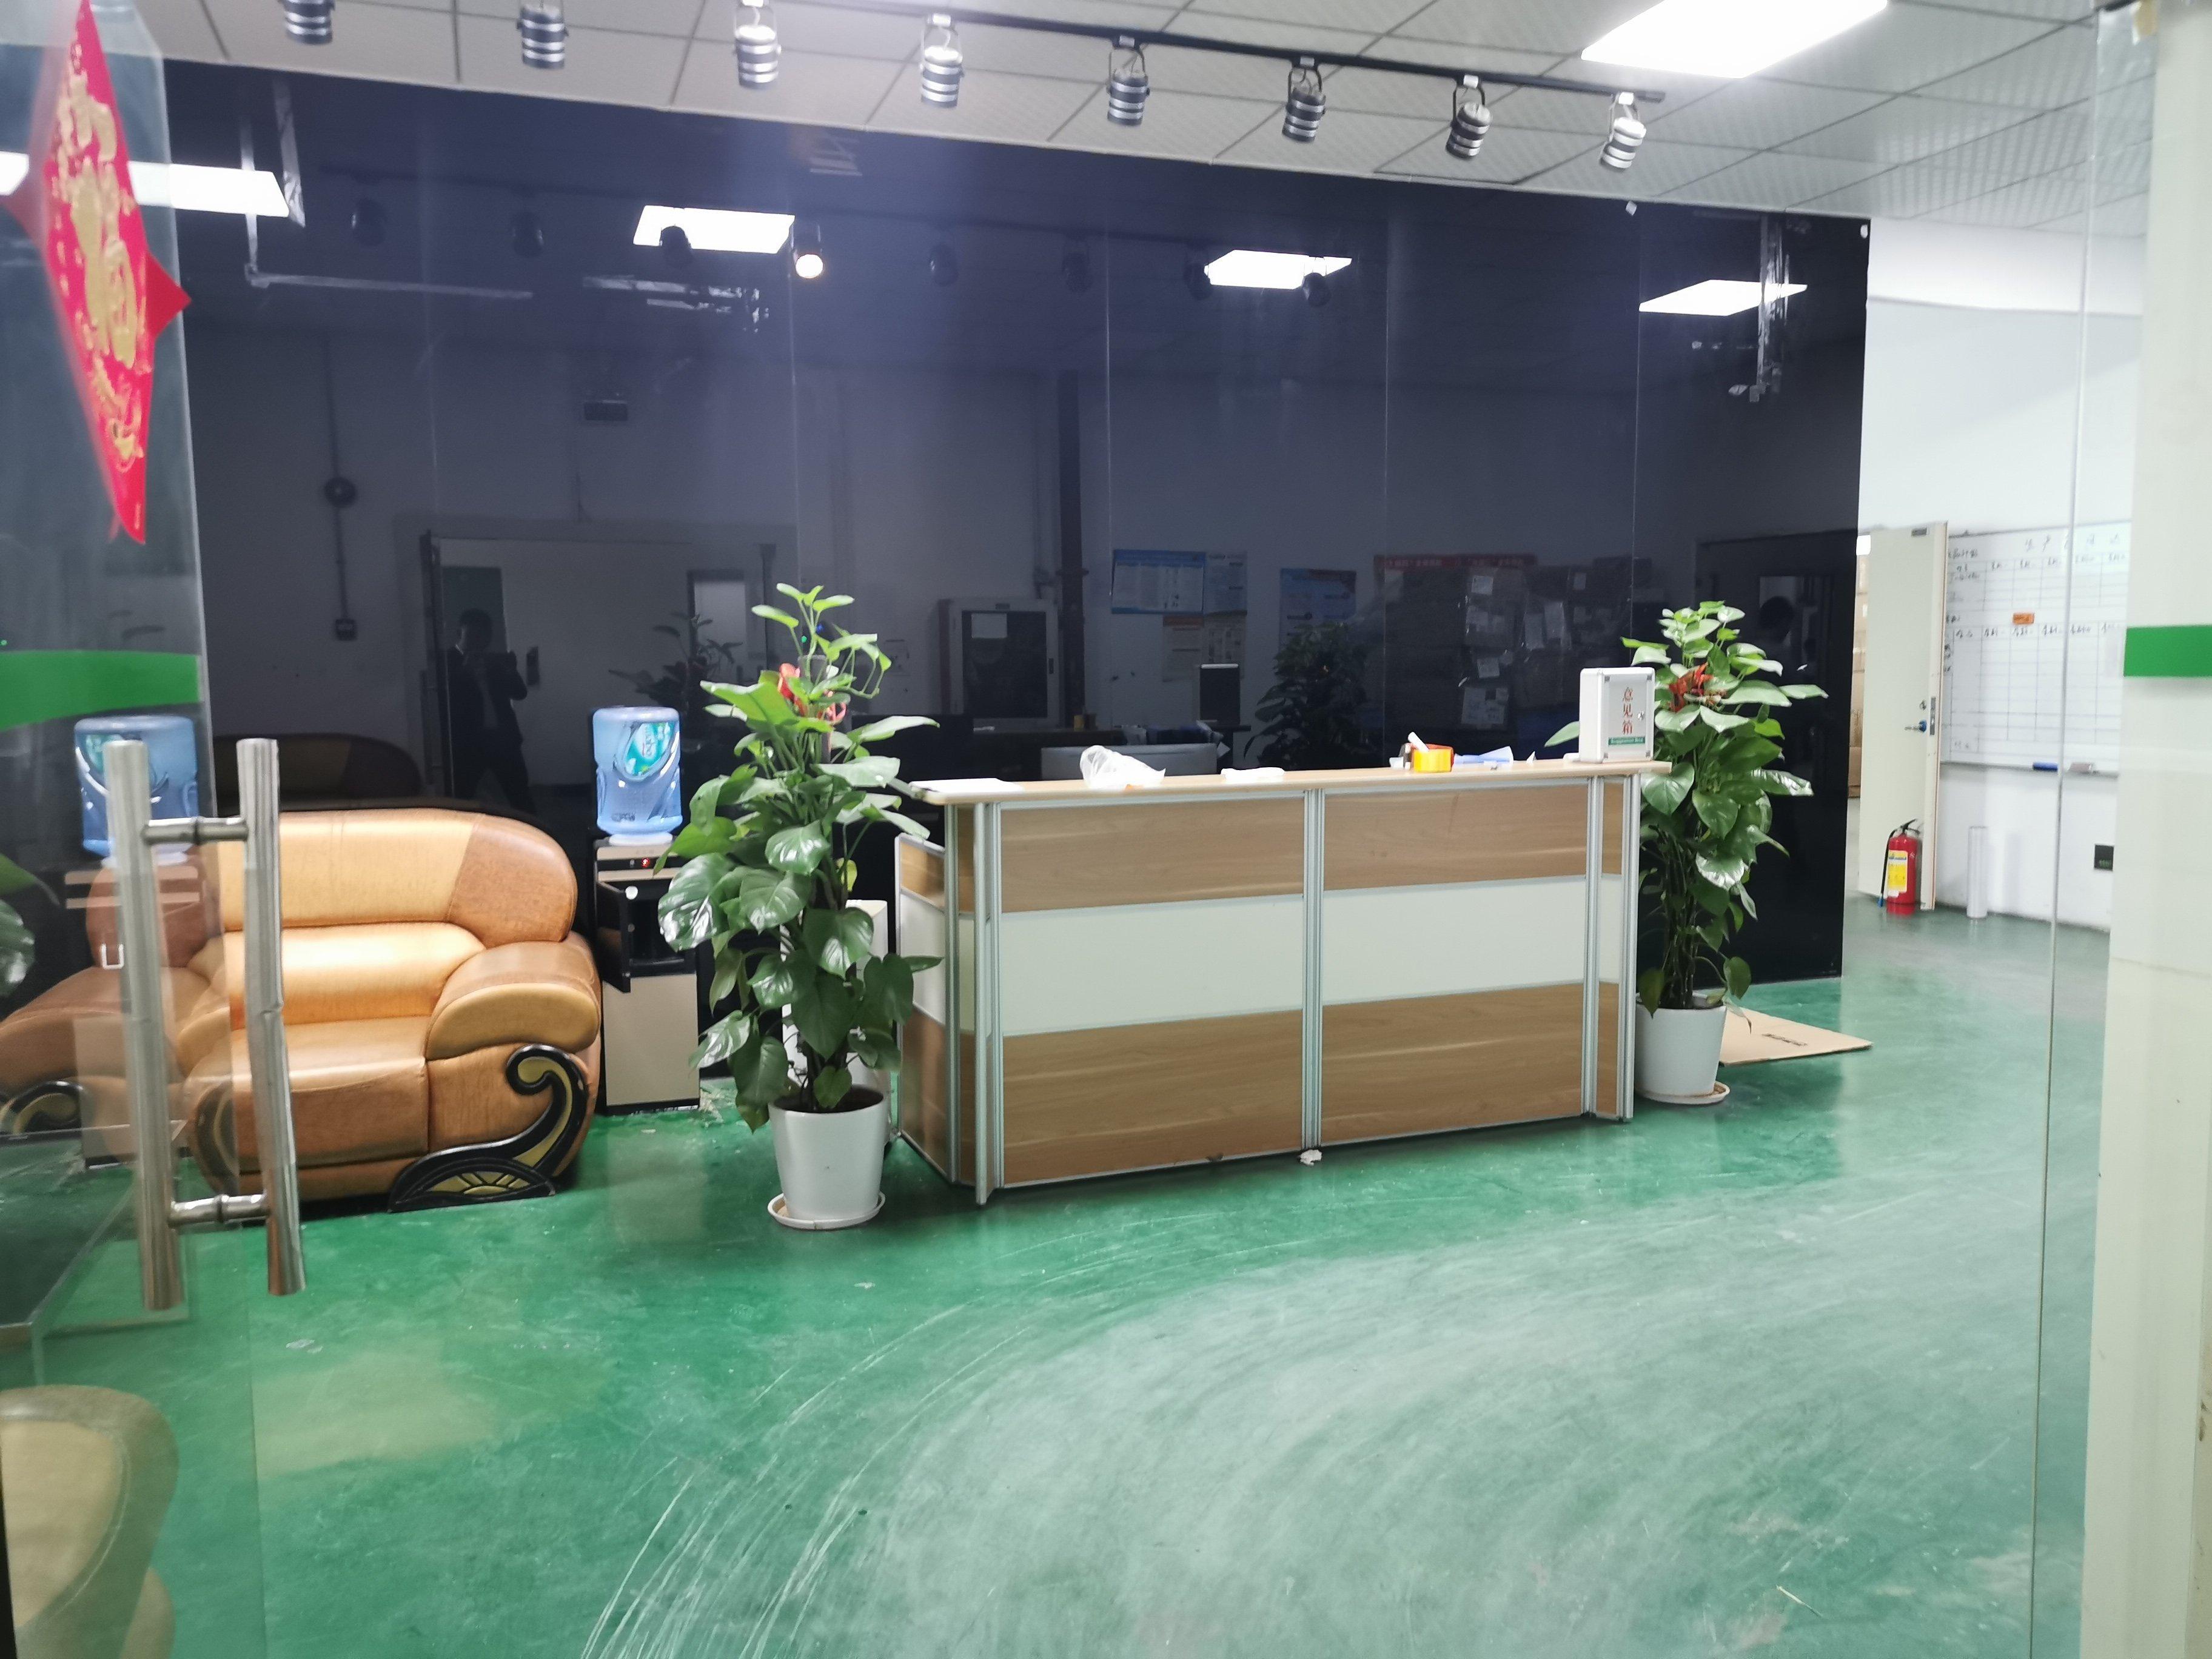 公明上村莲塘工业区3楼1450平方,现房,租金16